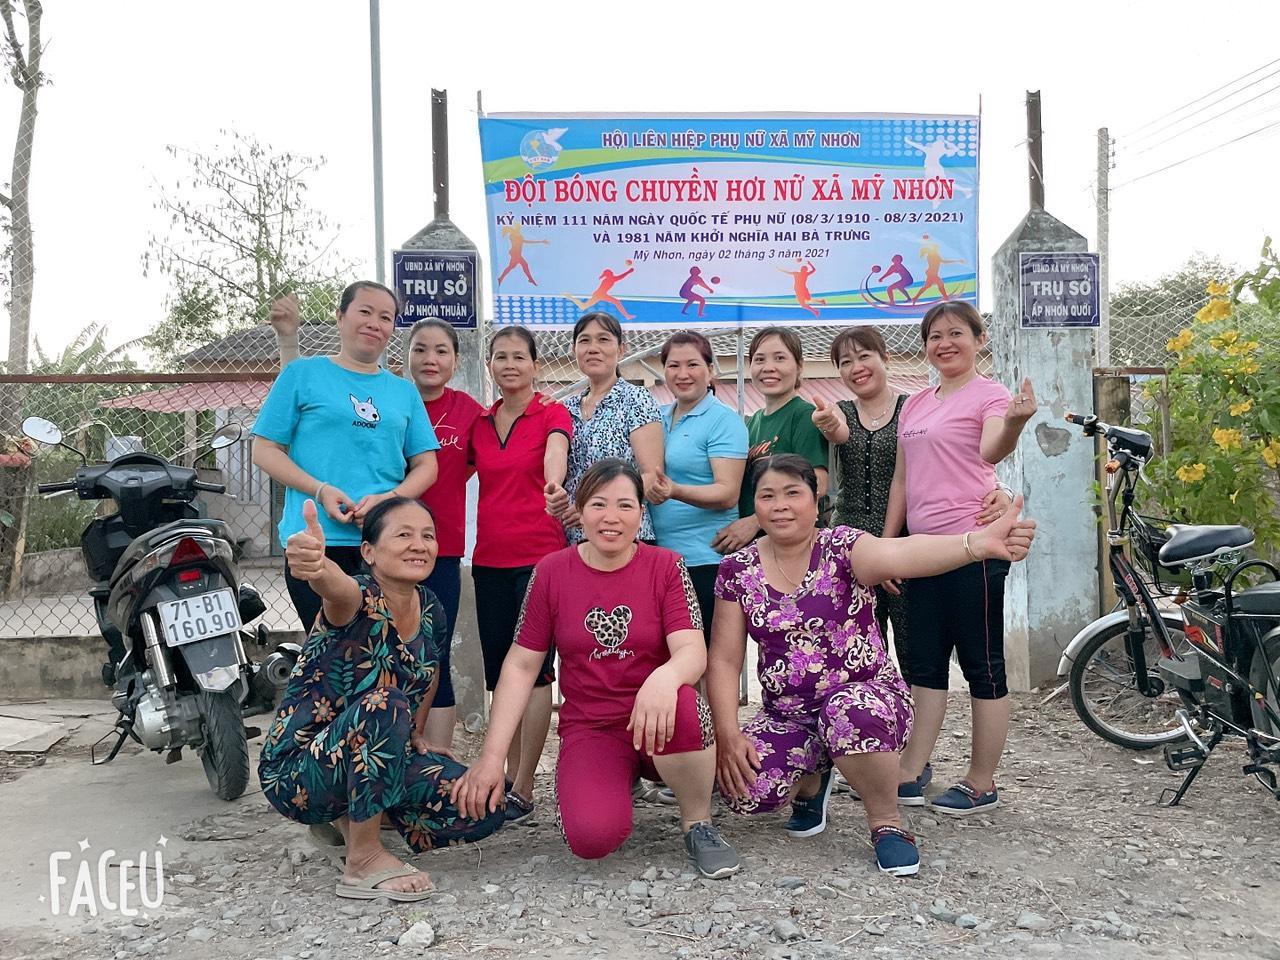 Hội LHPN xã Mỹ Nhơn thành lập đội bóng chuyền hơi nữ